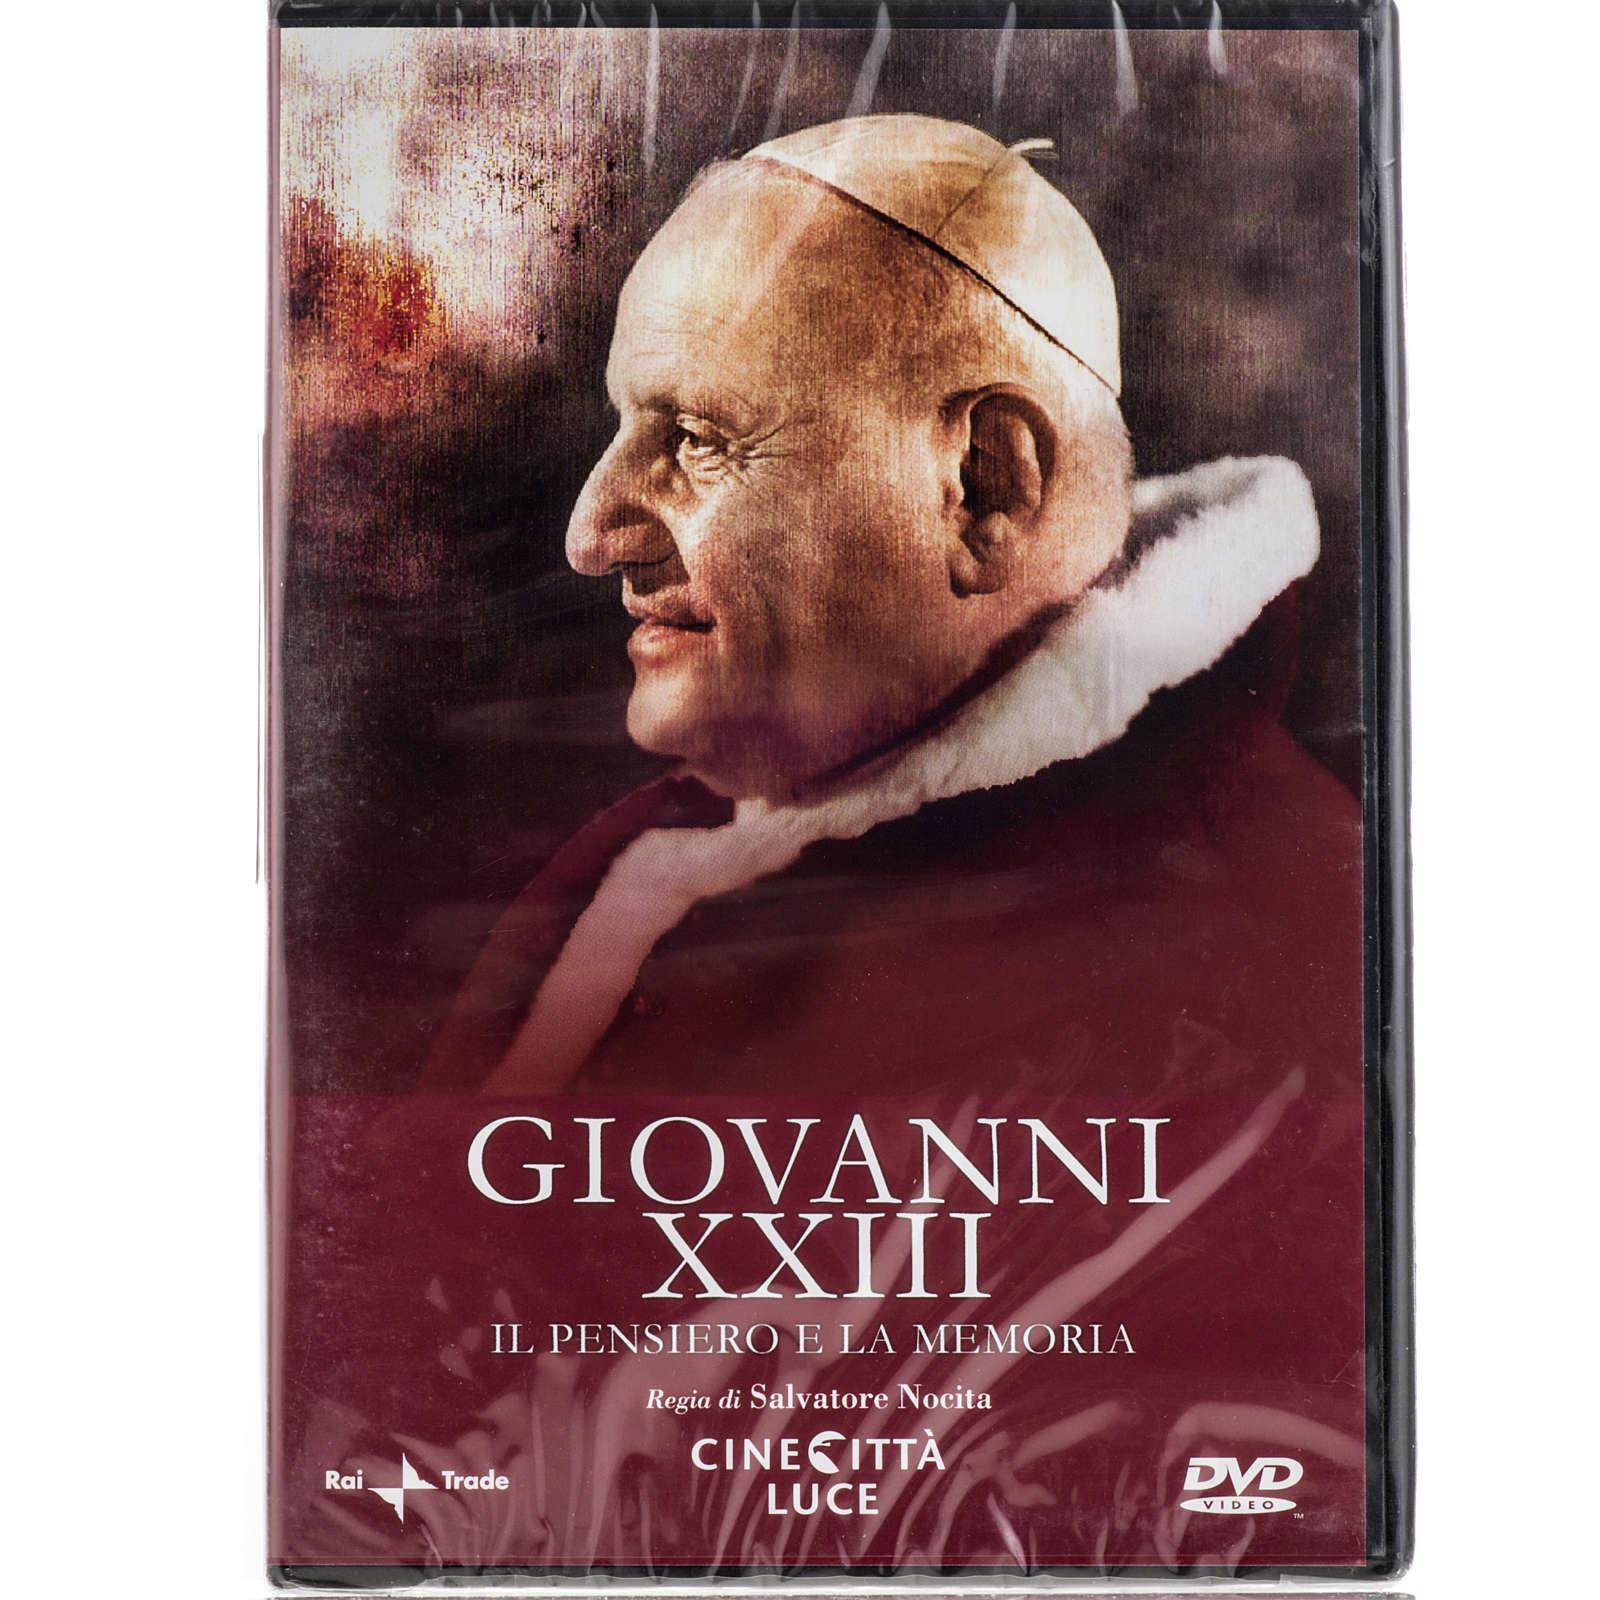 Giovanni XXIII il pensiero e la memoria 3